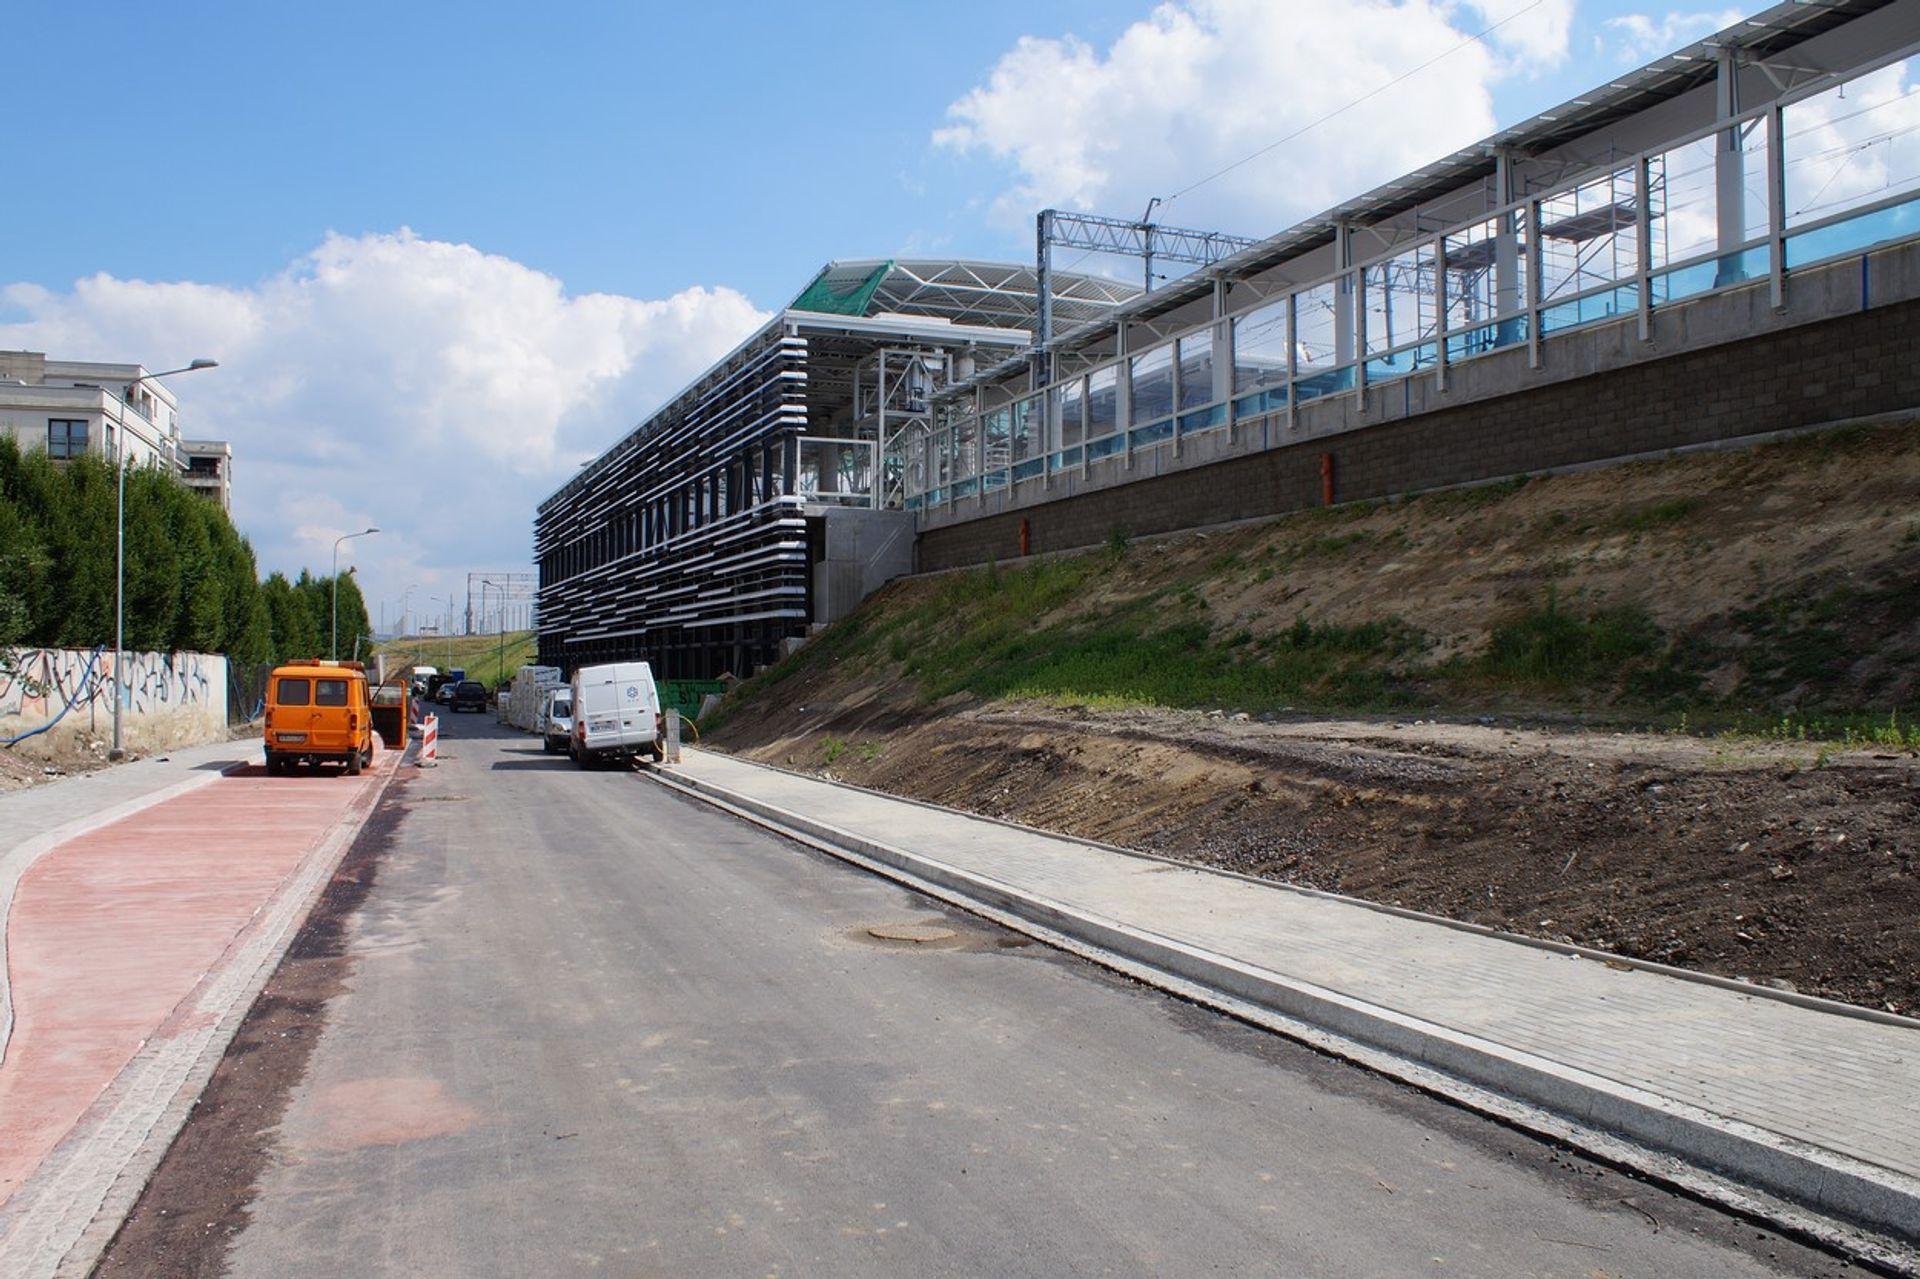 [Kraków] Stacja kolejowa Kraków-Zabłocie będzie szersza